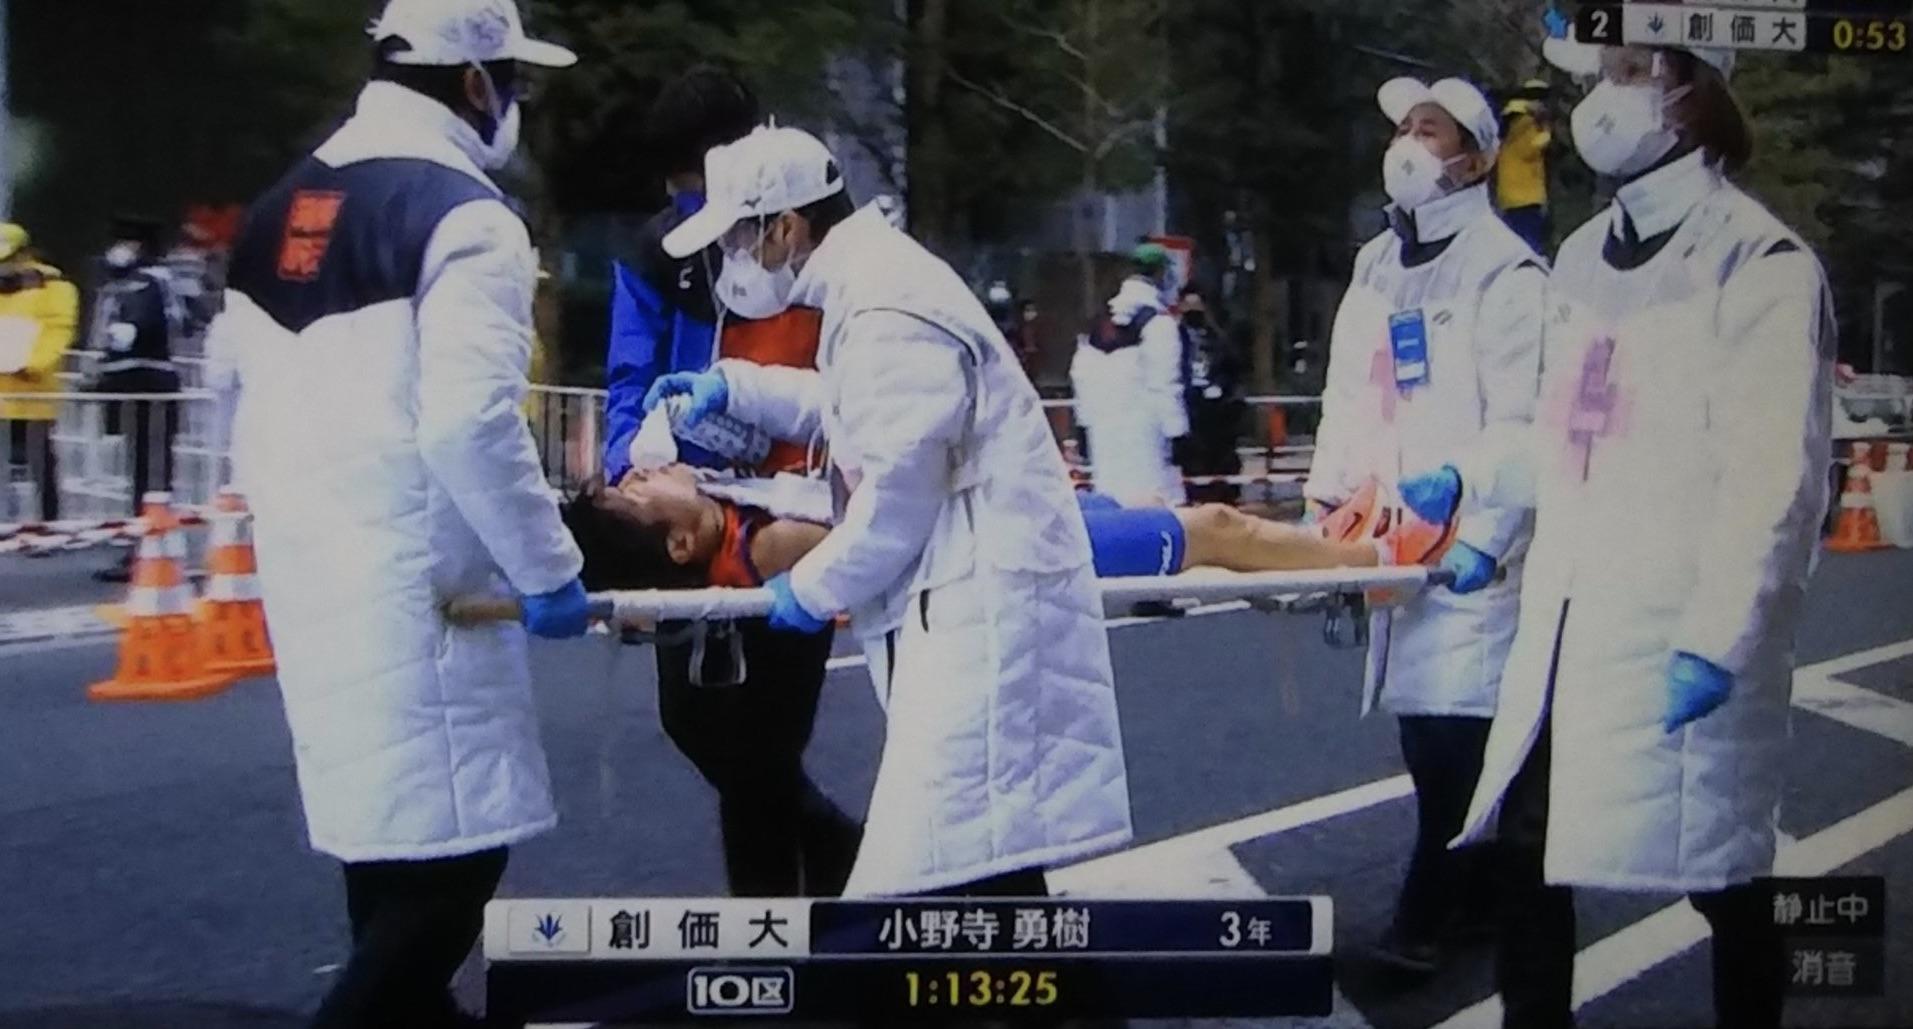 2021年箱根駅伝 担架で運ばれる小野寺選手